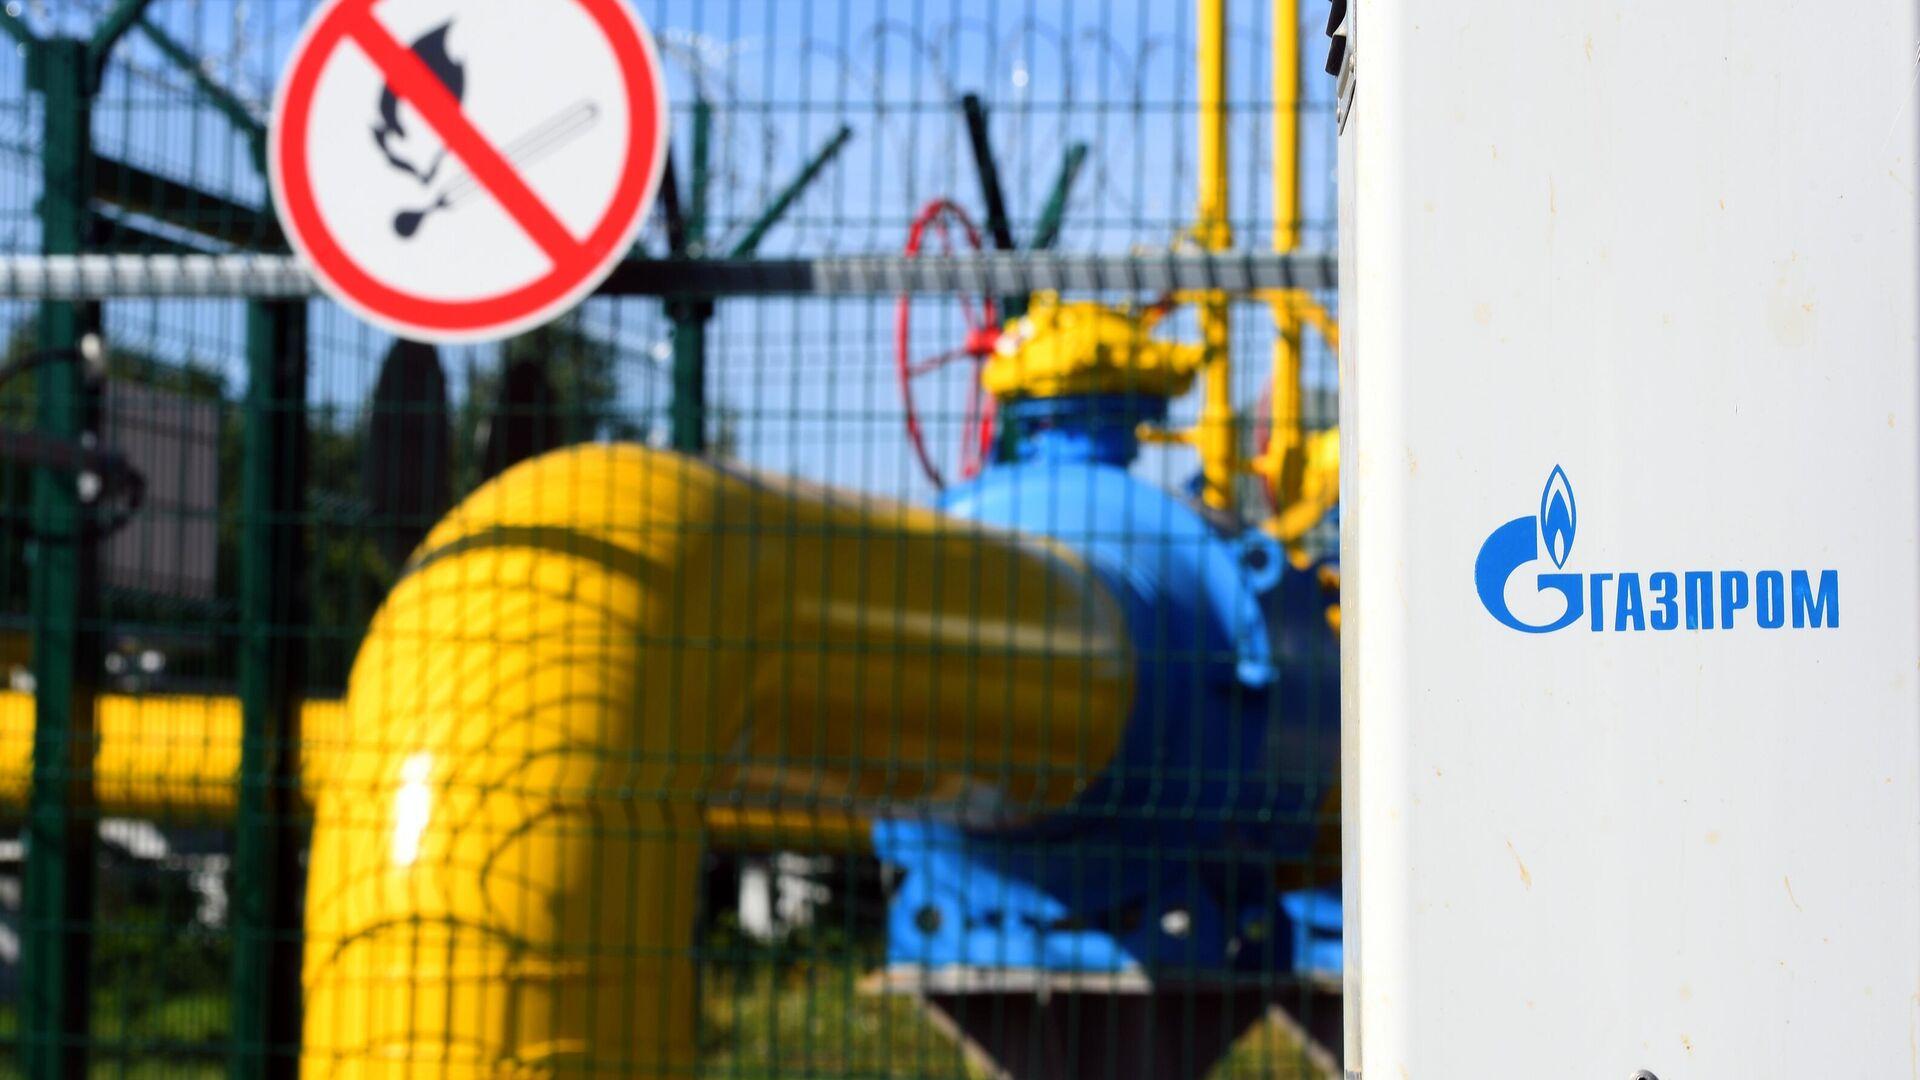 Газопровод высокого давления от ГРС №2 Елабуга Центральная - ПАО Нижнекамскнефтехим - РИА Новости, 1920, 10.11.2020